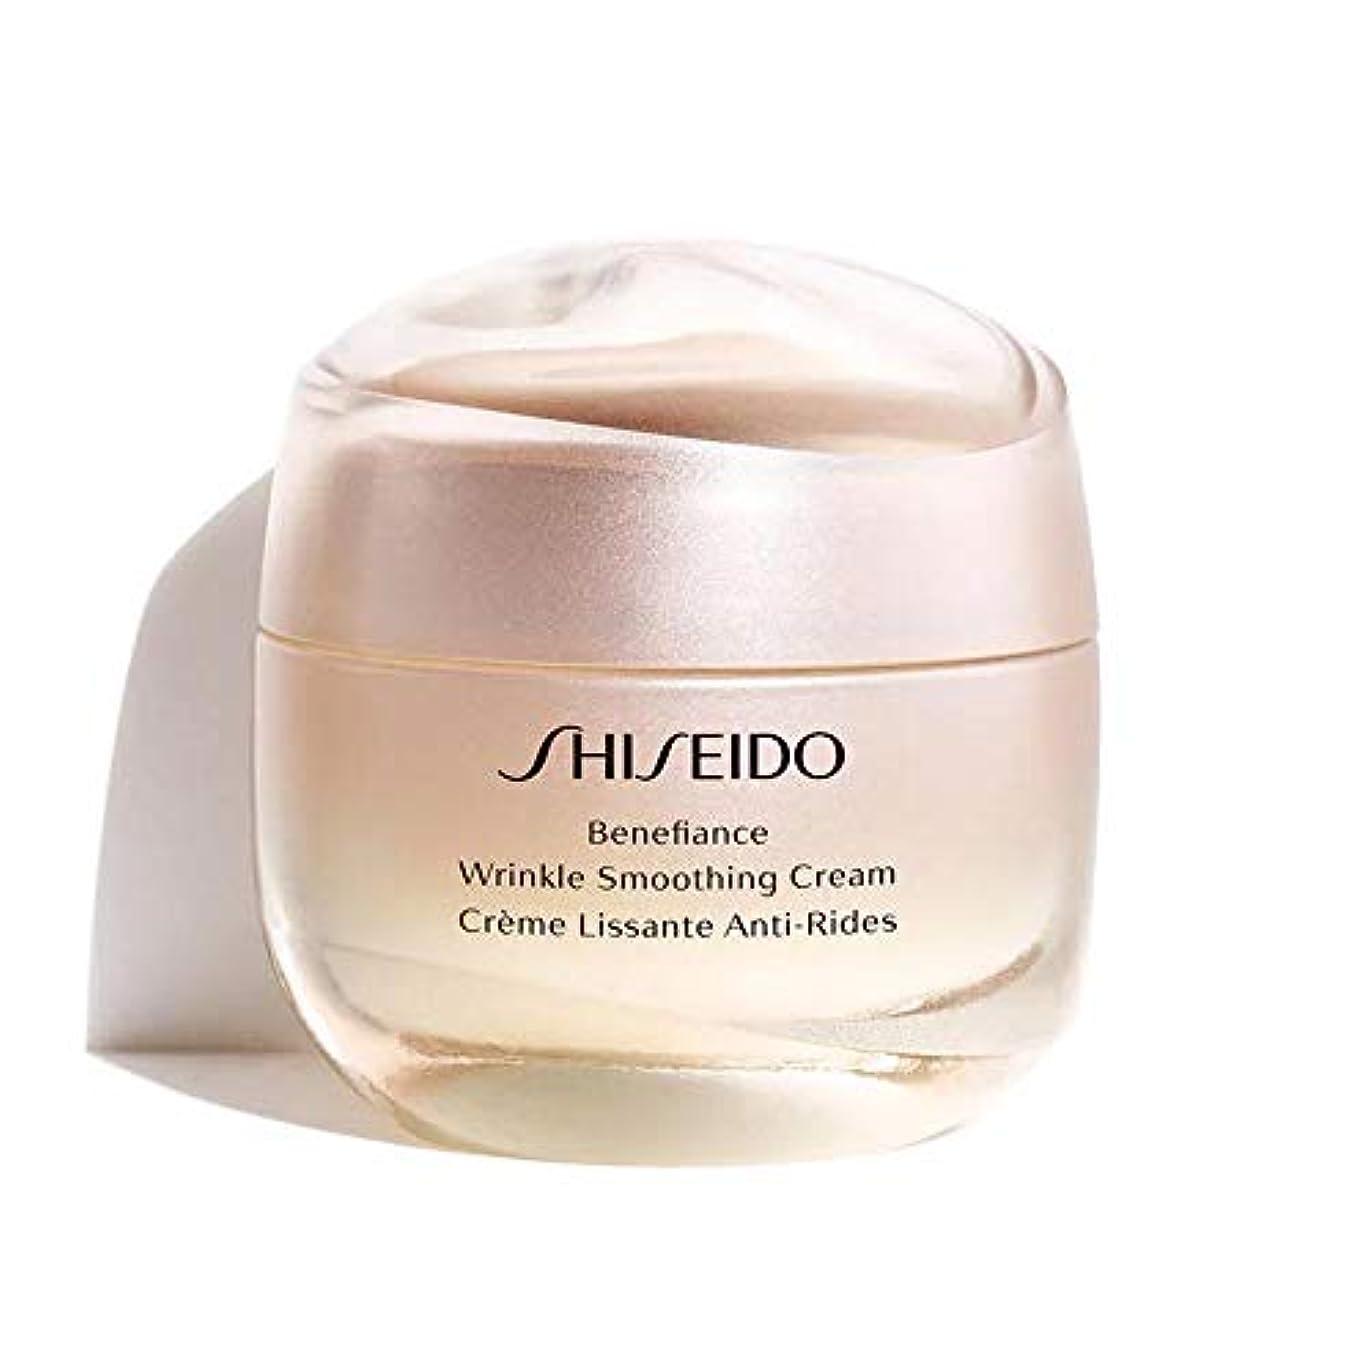 密接に略奪ソブリケット資生堂 Benefiance Wrinkle Smoothing Cream 50ml/1.7oz並行輸入品